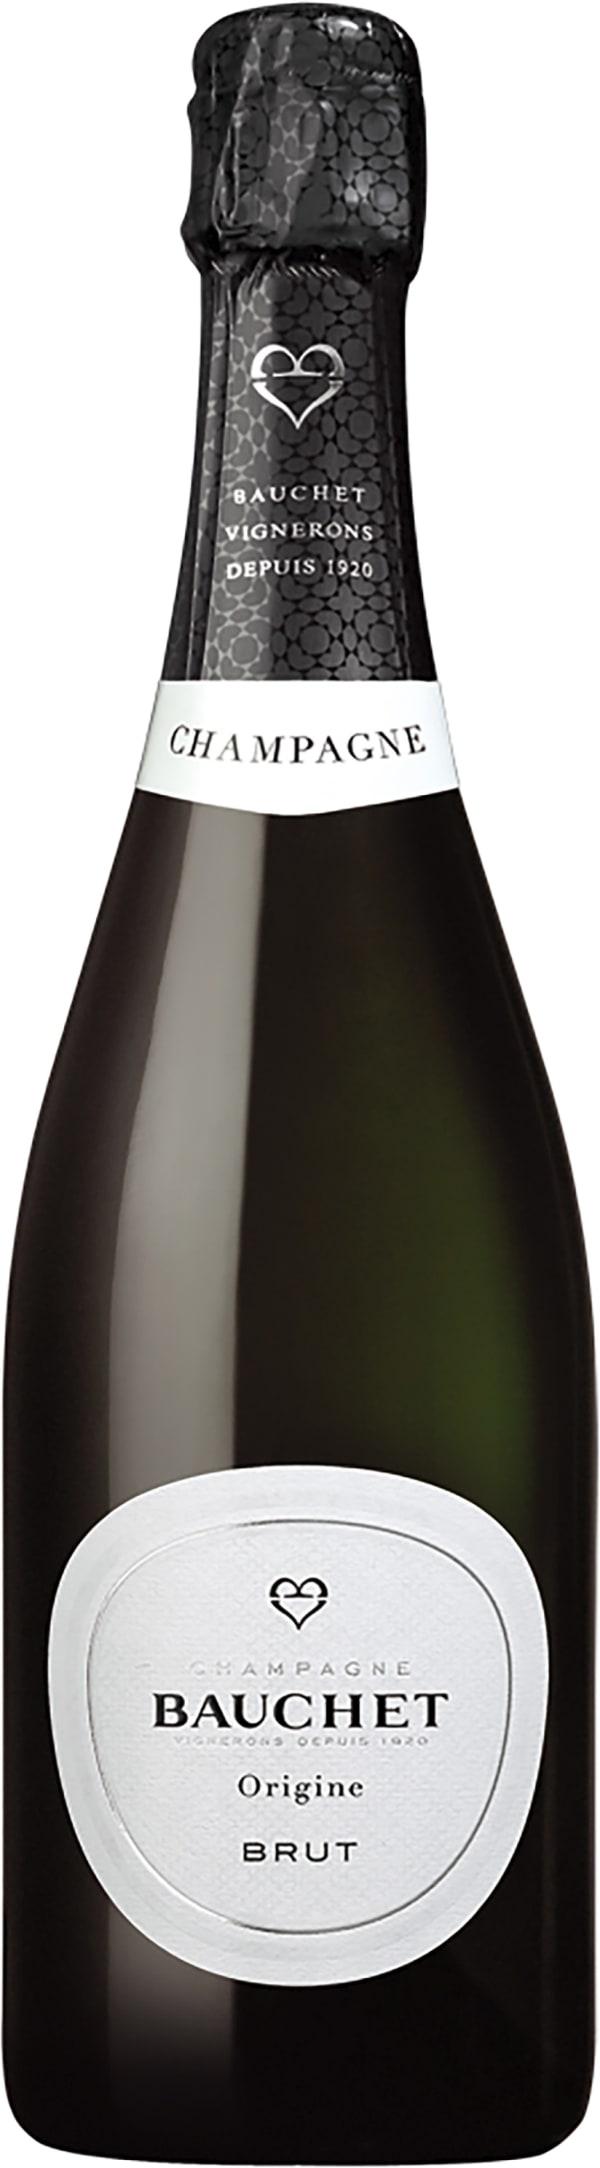 Bauchet Origine Champagne Brut